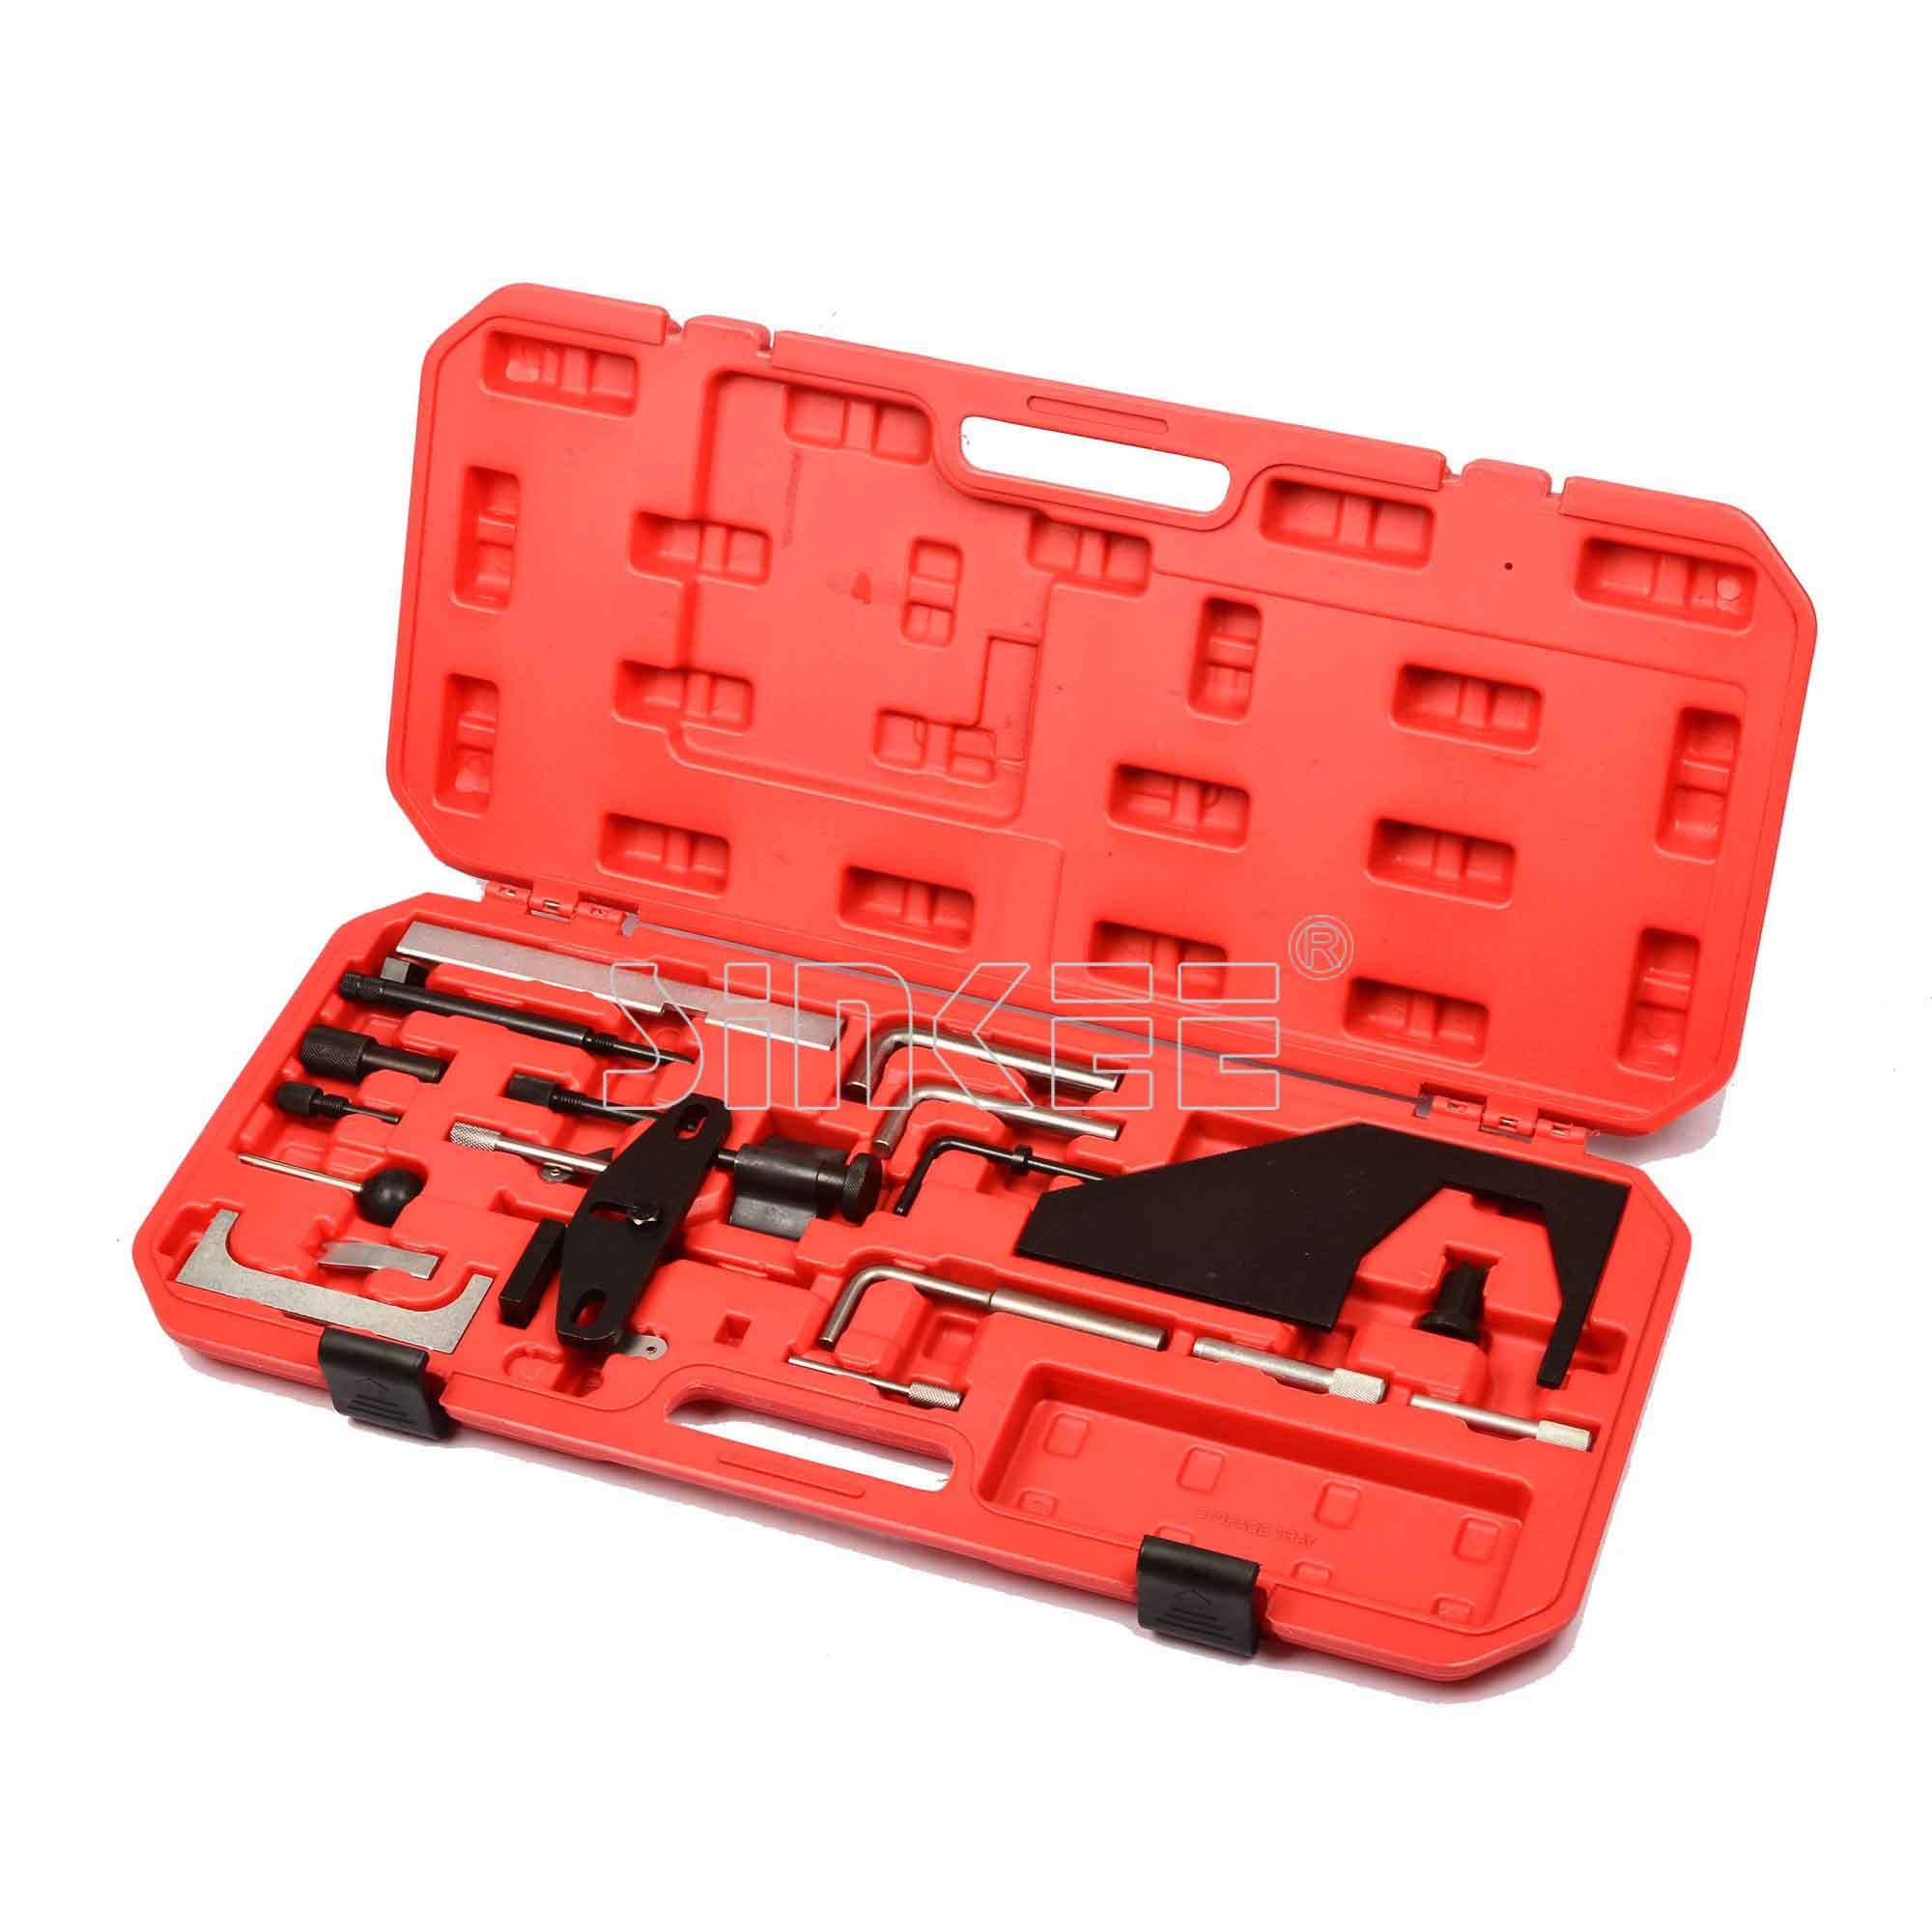 Jeu d'outils de synchronisation/verrouillage automatique du moteur pour outils de réparation automobile Peugeot Citroen